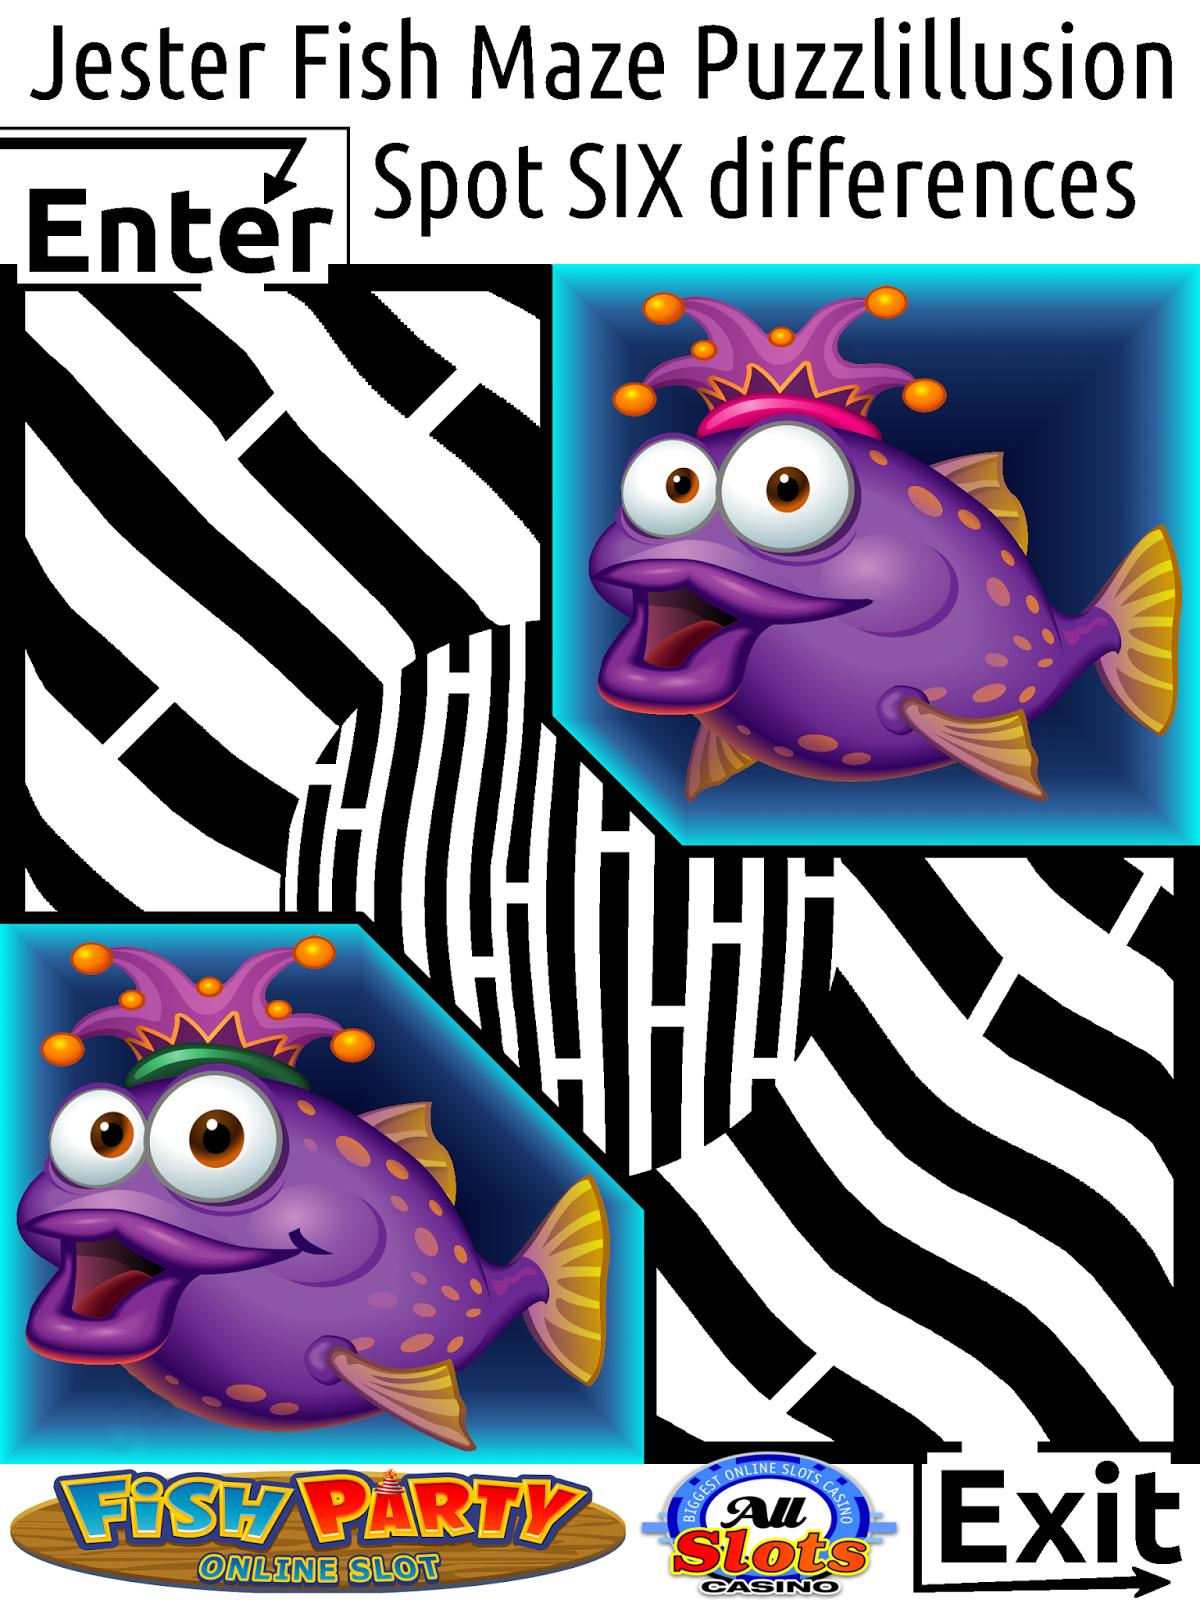 jester fish maze puzzlillusion